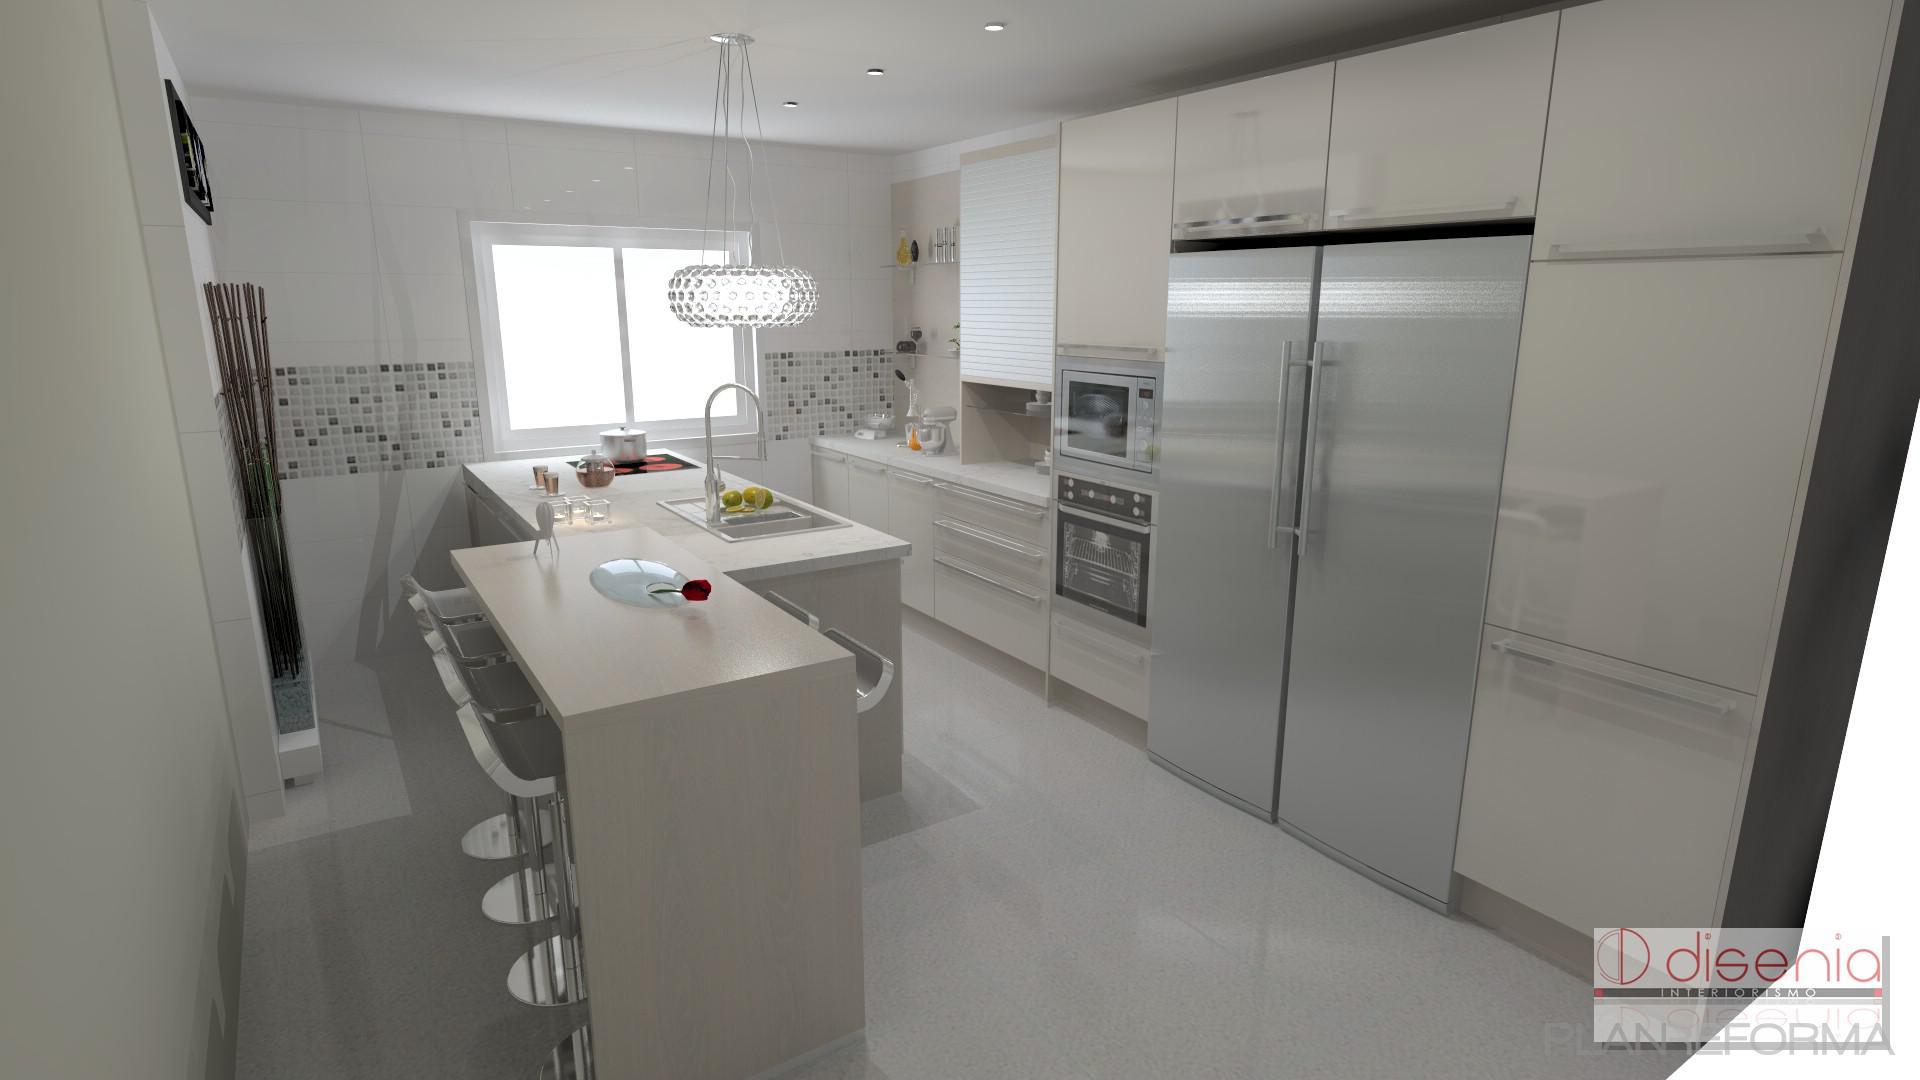 Comedor cocina estilo moderno color beige blanco plateado for Cocina estilo moderno